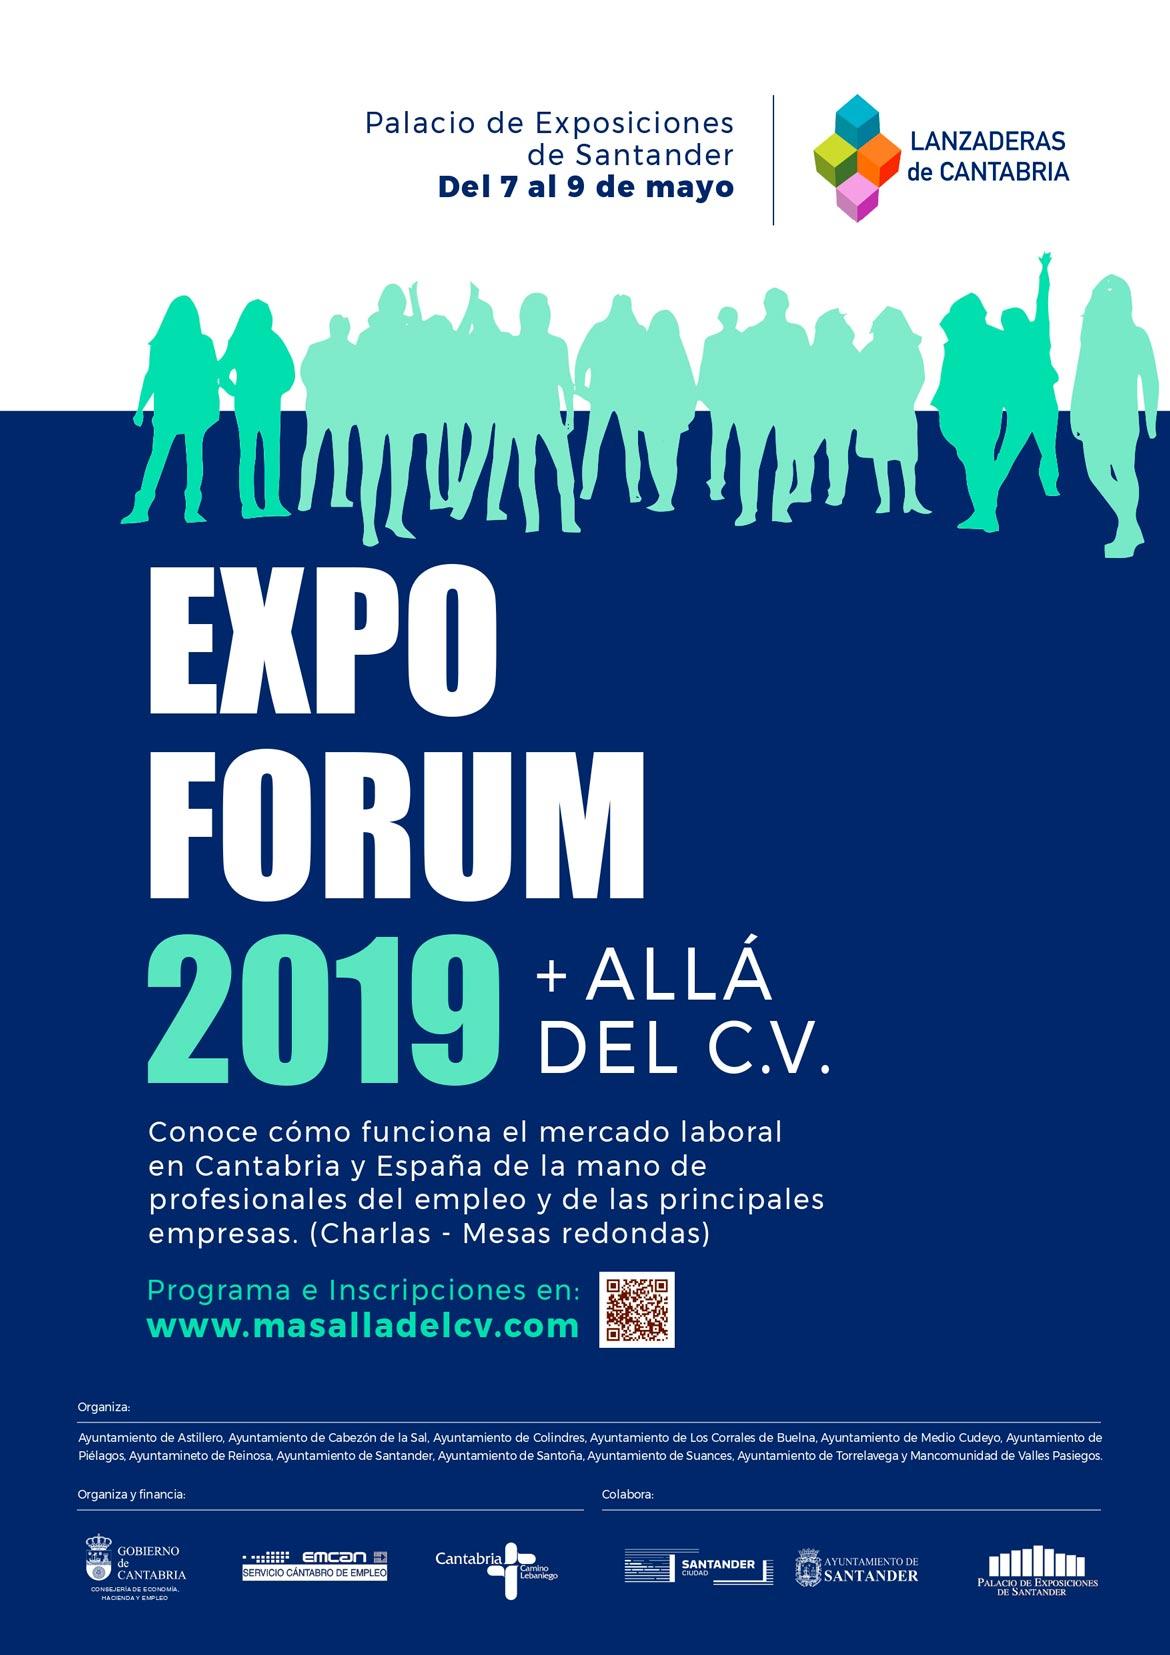 II ExpoForum Más Allá del curriculum CV